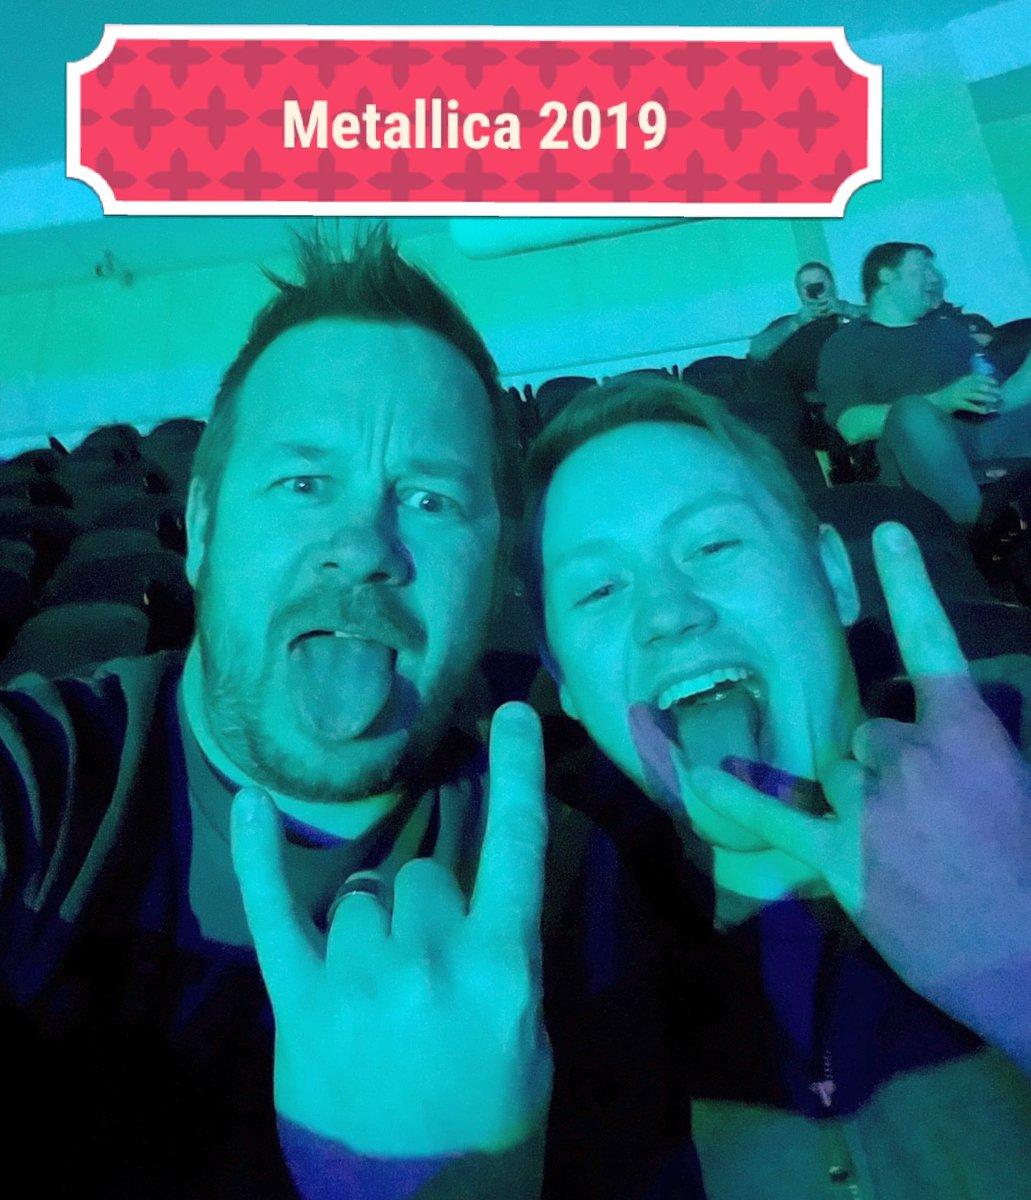 Metallica on Twitter: